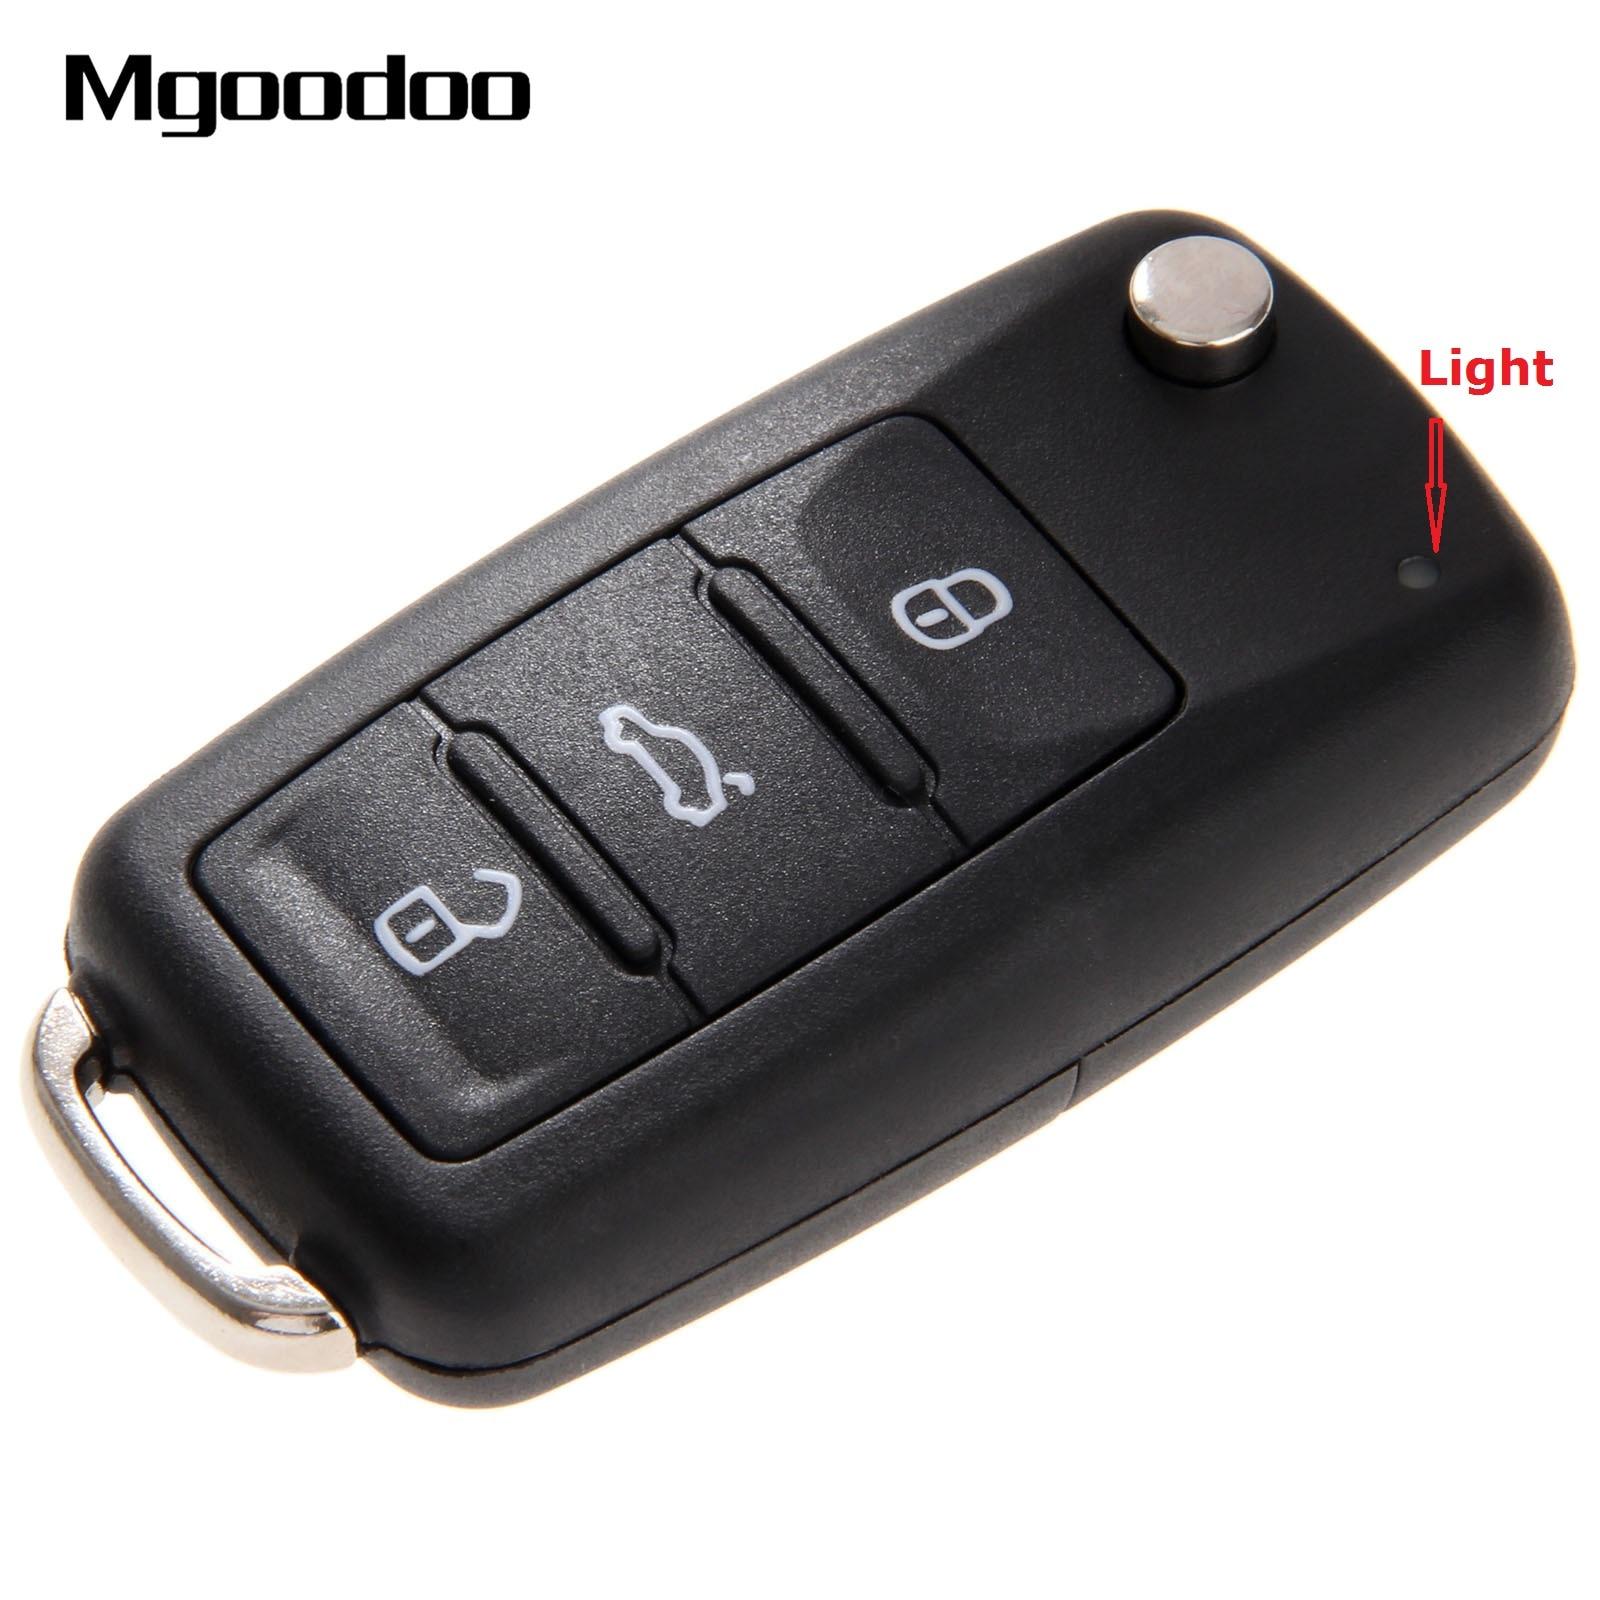 3 boutons Flip voiture pliante clé Shell pour VW Volkswagen Golf Mk6 Tiguan Polo Passat CC siège Skoda Octavia boîte vierge Fob